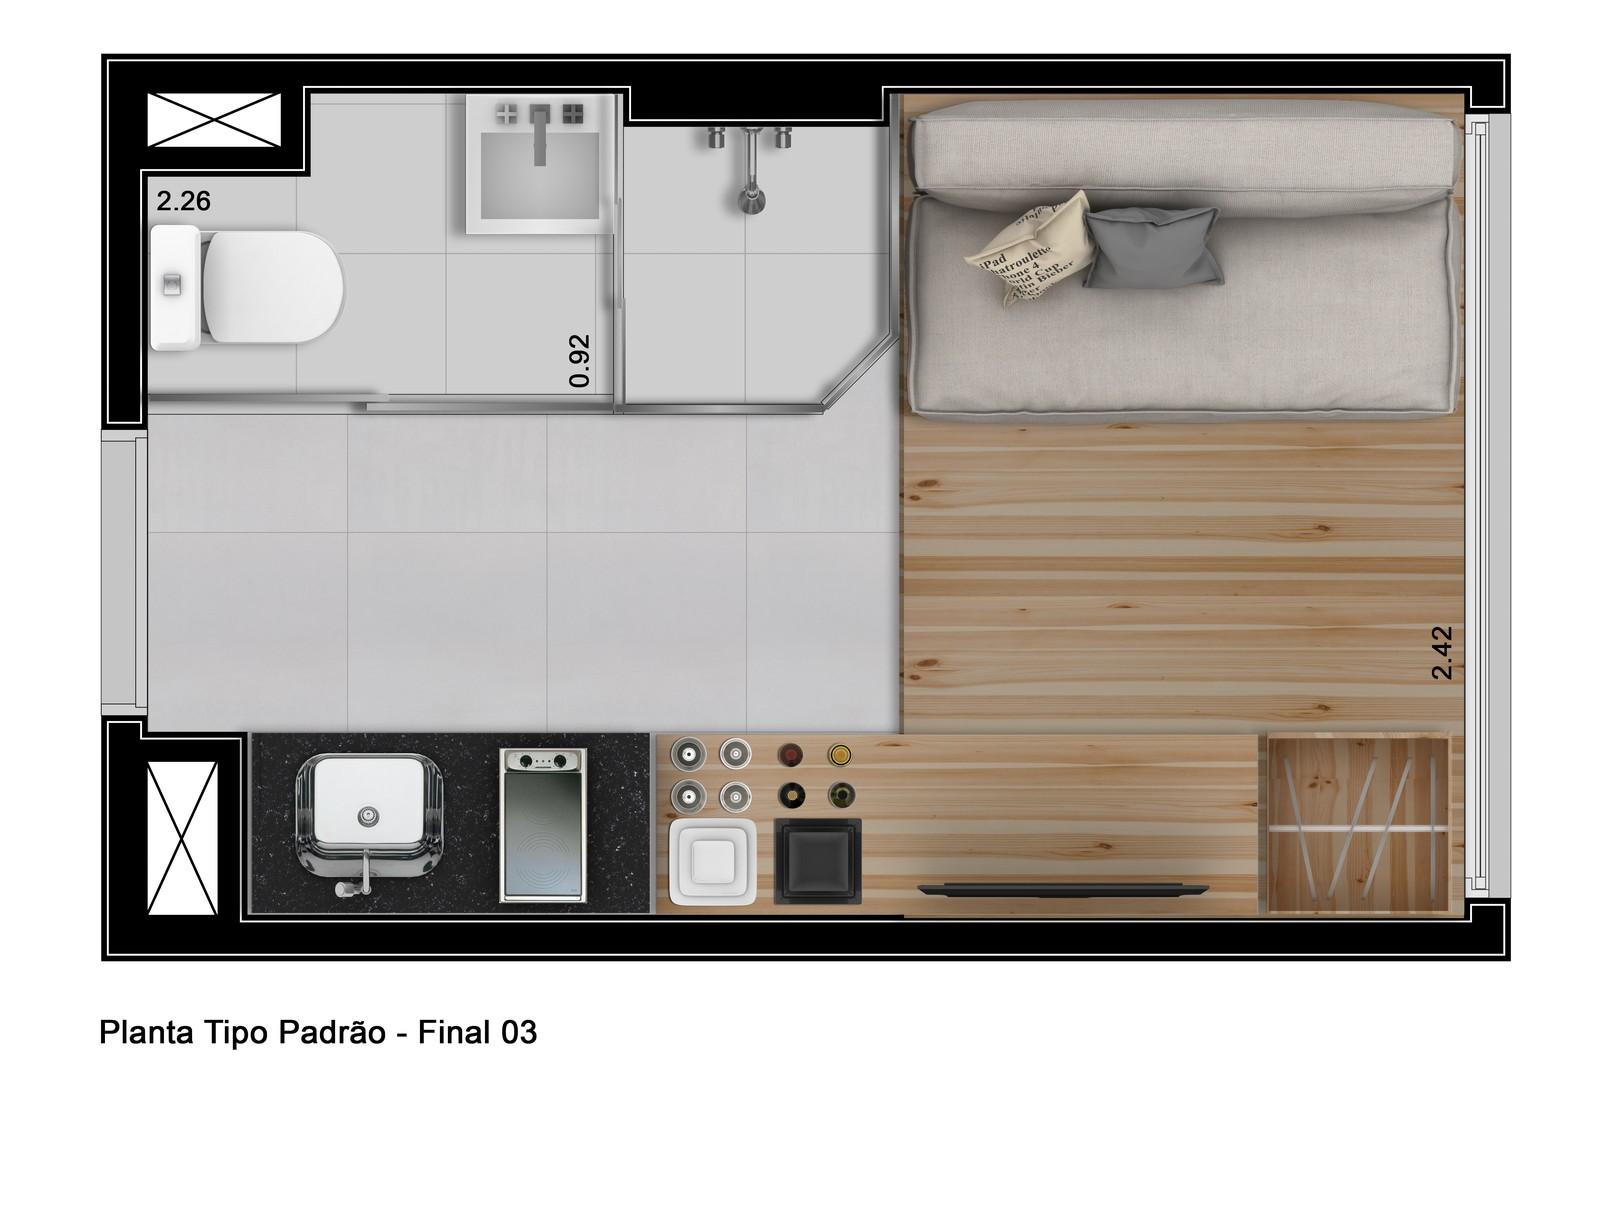 Planta de um apartamento compacto.